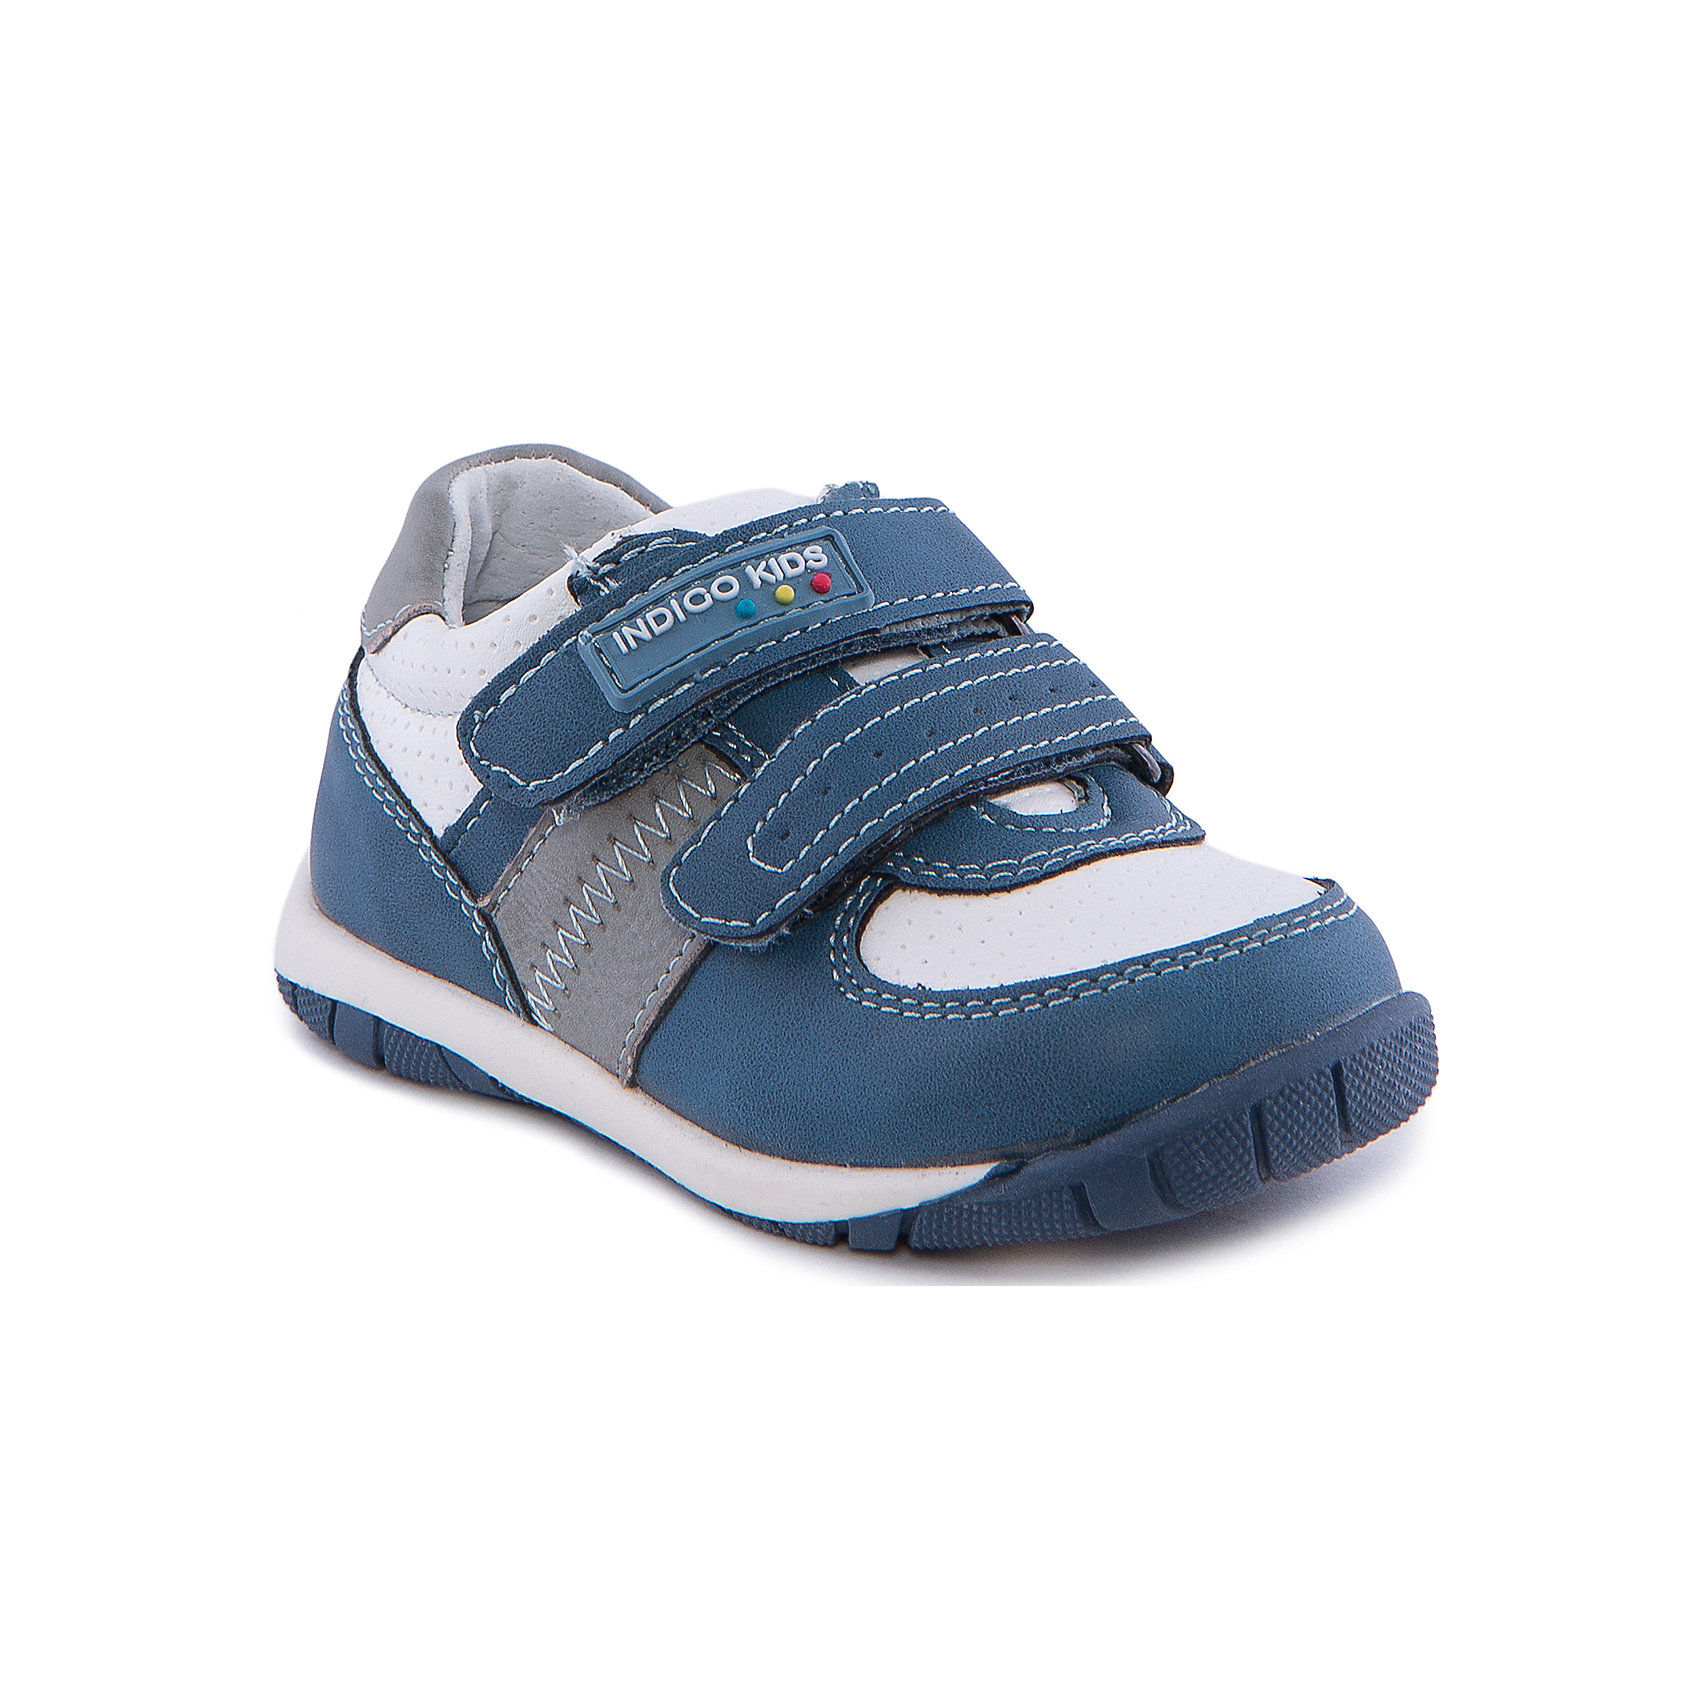 Кроссовки для мальчика Indigo kidsКроссовки для мальчика от известного бренда Indigo kids<br><br>Модные синие кроссовки позволяют ножкам ребенка свободно дышать. Они легко надеваются и комфортно садятся по ноге. Оригинальный дизайн и качественное исполнение выделяют такую обувь из общего ряда новых моделей для этого сезона.<br><br>Особенности модели:<br><br>- цвет - голубой;<br>- стильный дизайн;<br>- удобная колодка;<br>- декорированы контрастной прошивкой;<br>- кожаная подкладка;<br>- украшены логотипом;<br>- устойчивая подошва;<br>- дышащий материал;<br>- застежки: липучки.<br><br>Дополнительная информация:<br><br>Температурный режим:<br>от +10° С до +20° С<br><br>Состав:<br><br>верх – искусственная кожа;<br>подкладка -   натуральная кожа;<br>подошва - ТЭП.<br><br>Кроссовки для мальчика Indigo kids (Индиго Кидс) можно купить в нашем магазине.<br><br>Ширина мм: 262<br>Глубина мм: 176<br>Высота мм: 97<br>Вес г: 427<br>Цвет: голубой<br>Возраст от месяцев: 15<br>Возраст до месяцев: 18<br>Пол: Мужской<br>Возраст: Детский<br>Размер: 22,25,24,23,20,21<br>SKU: 4582805